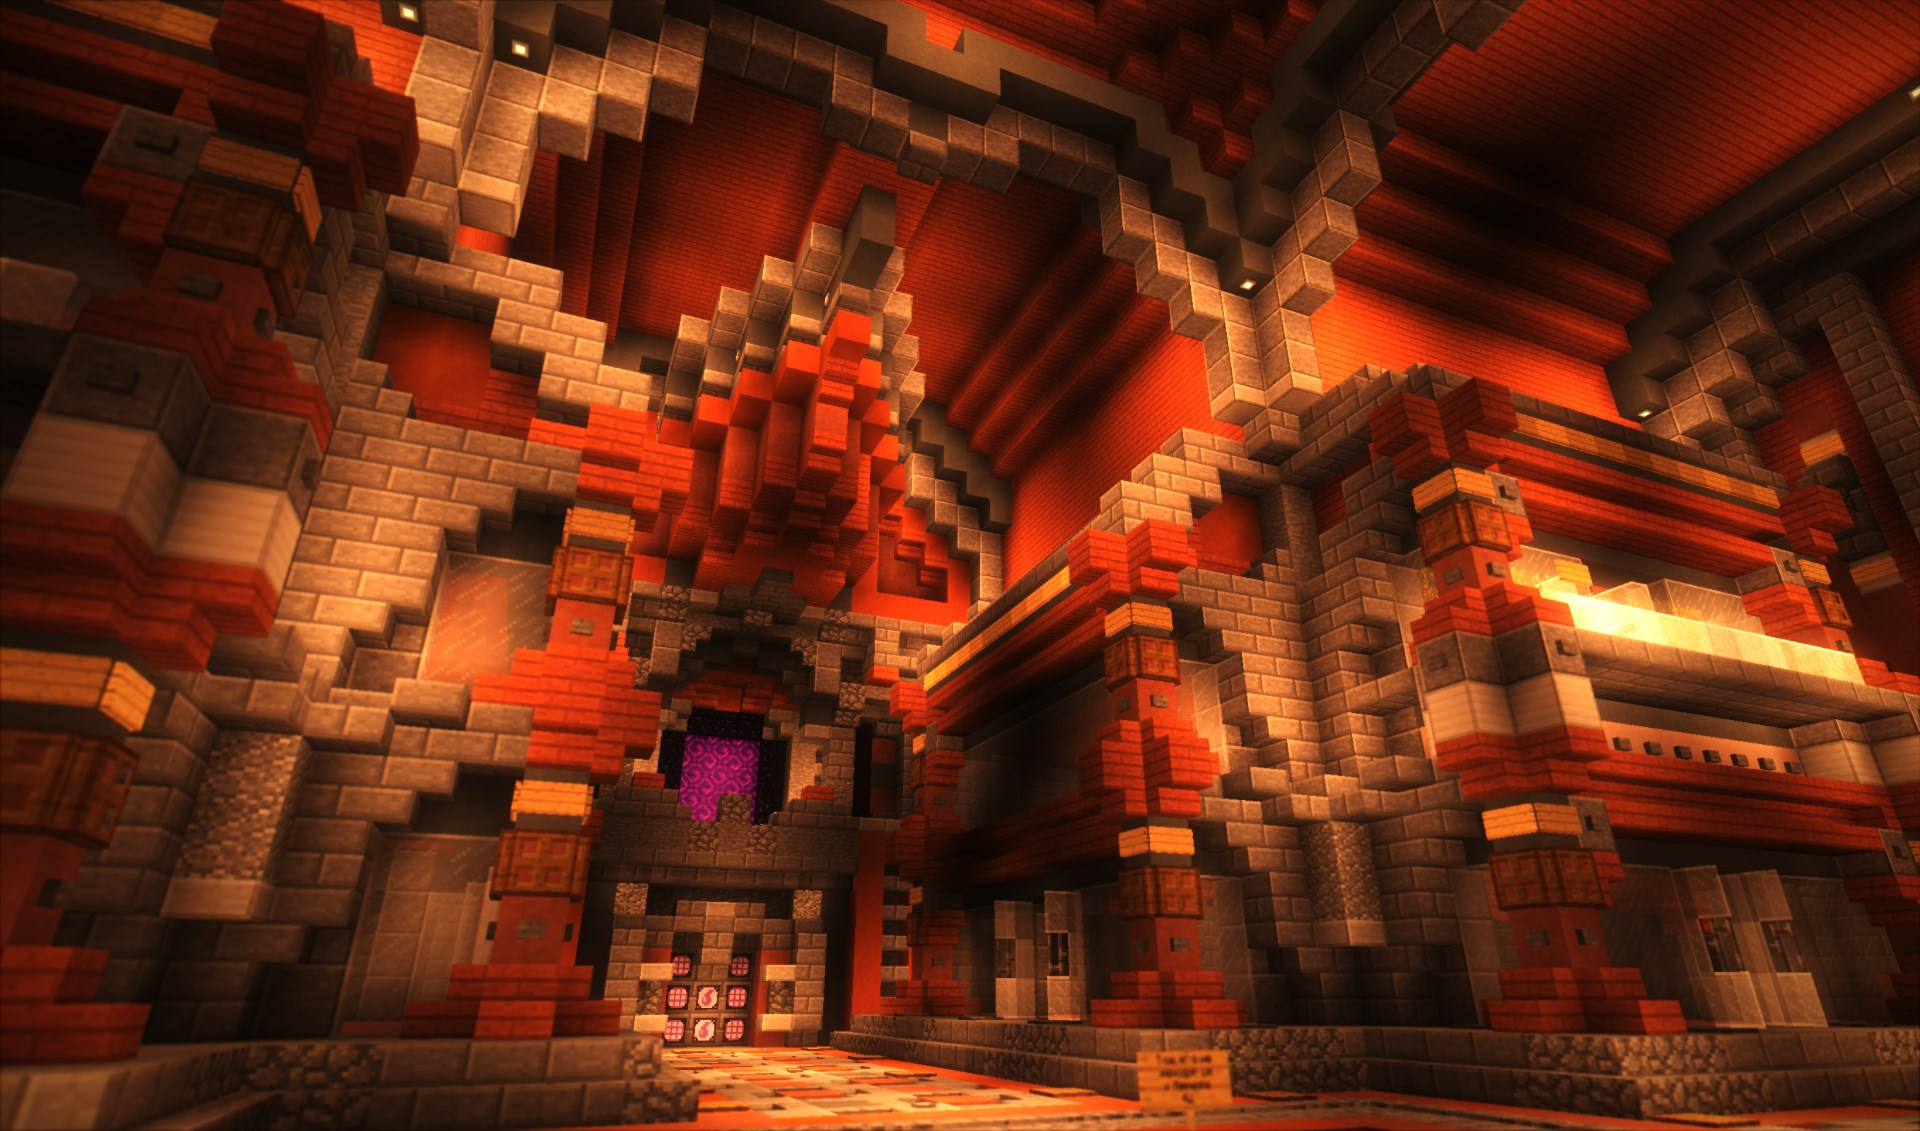 victorycraft64_tfgvsbwpcy-jpg.5872